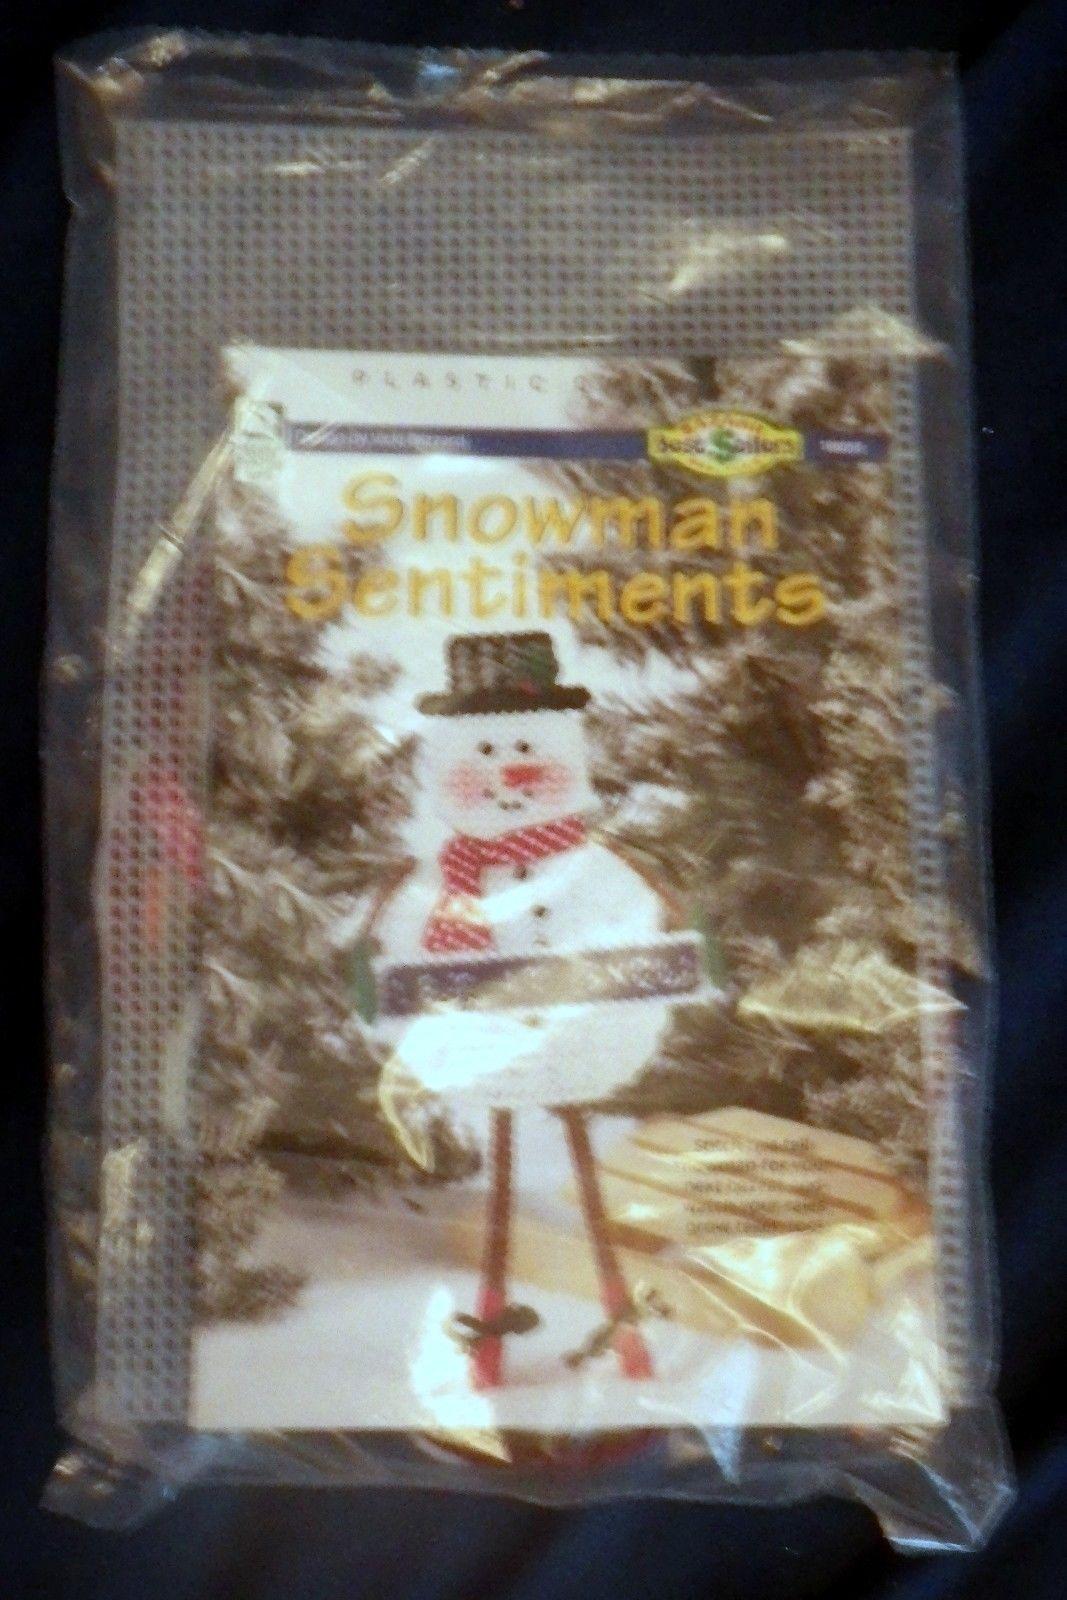 Snowman Sentiments Let it Snow Plastic Canvas Kit House of White Birches - $18.58